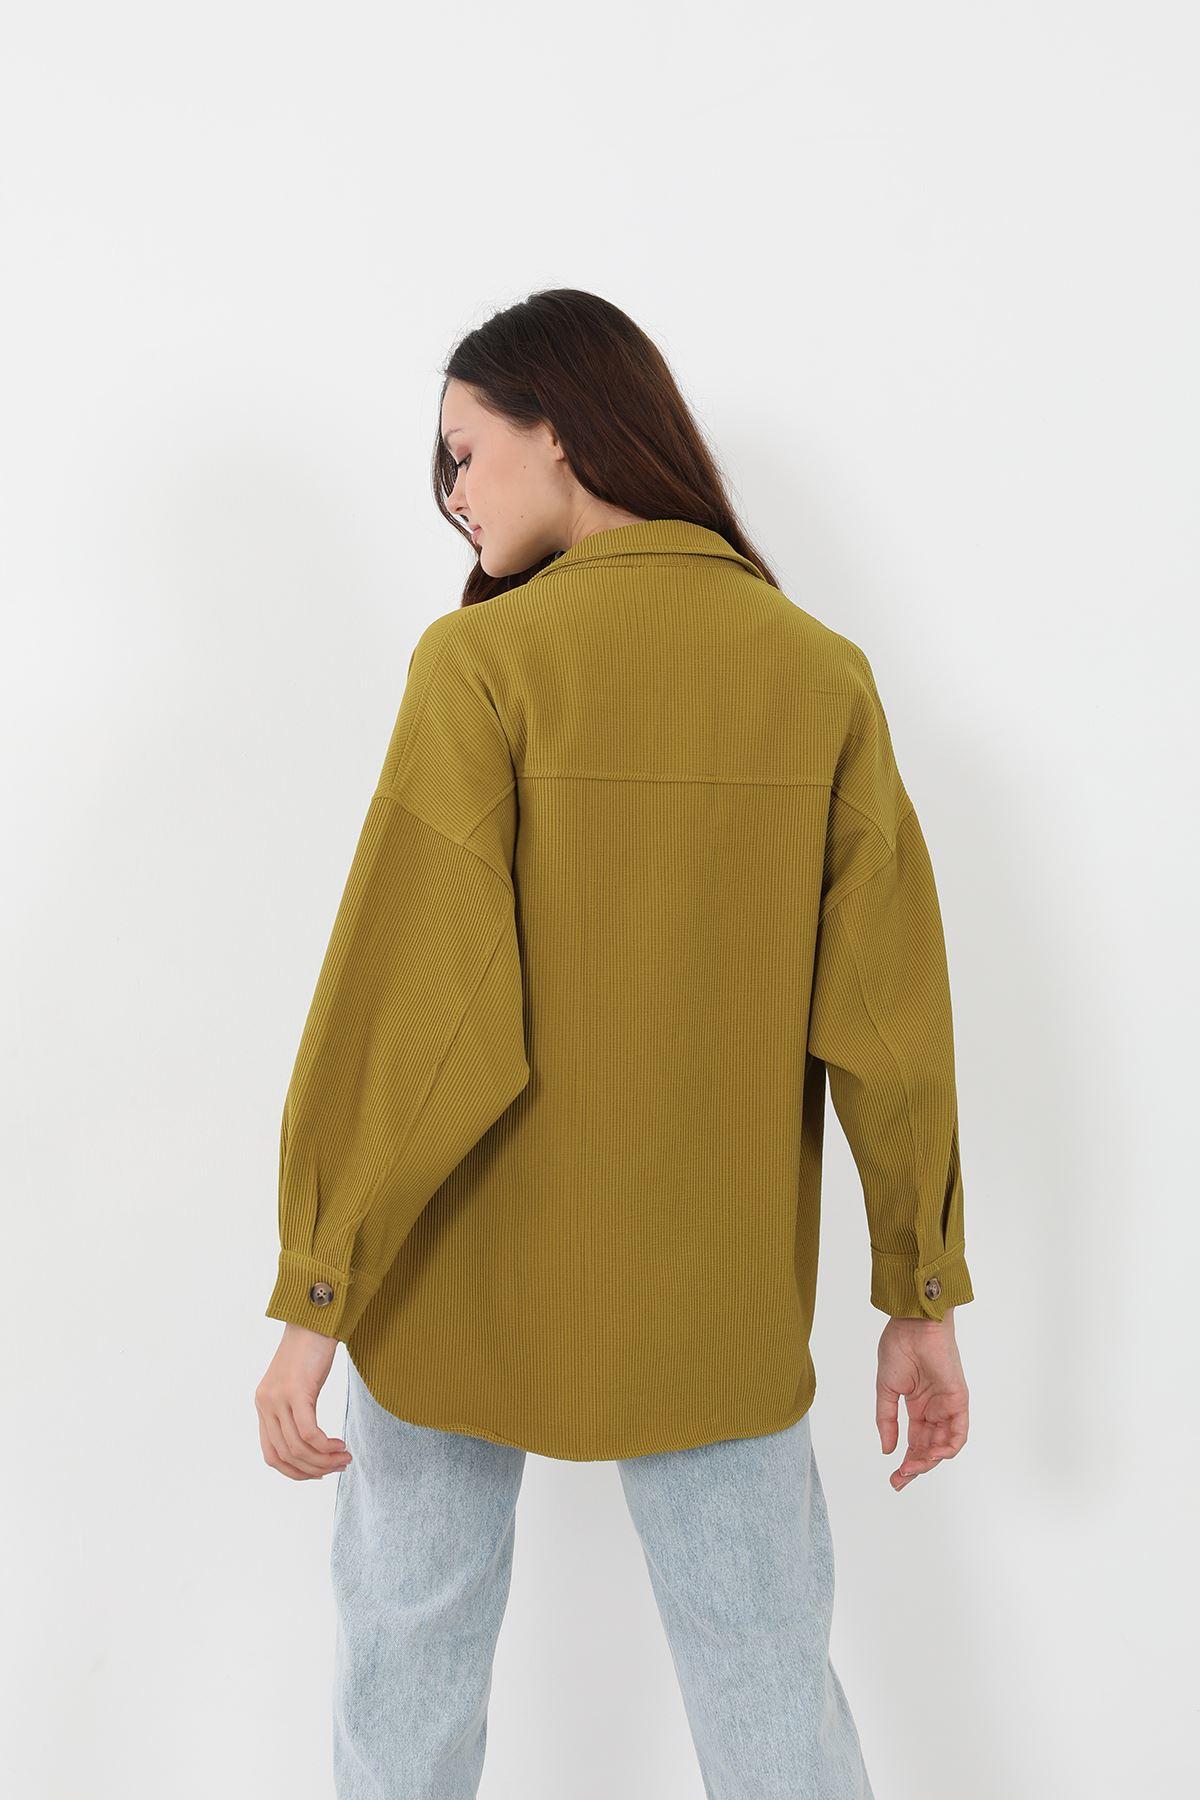 Fitilli Gömlek-YAĞ YEŞİLİ